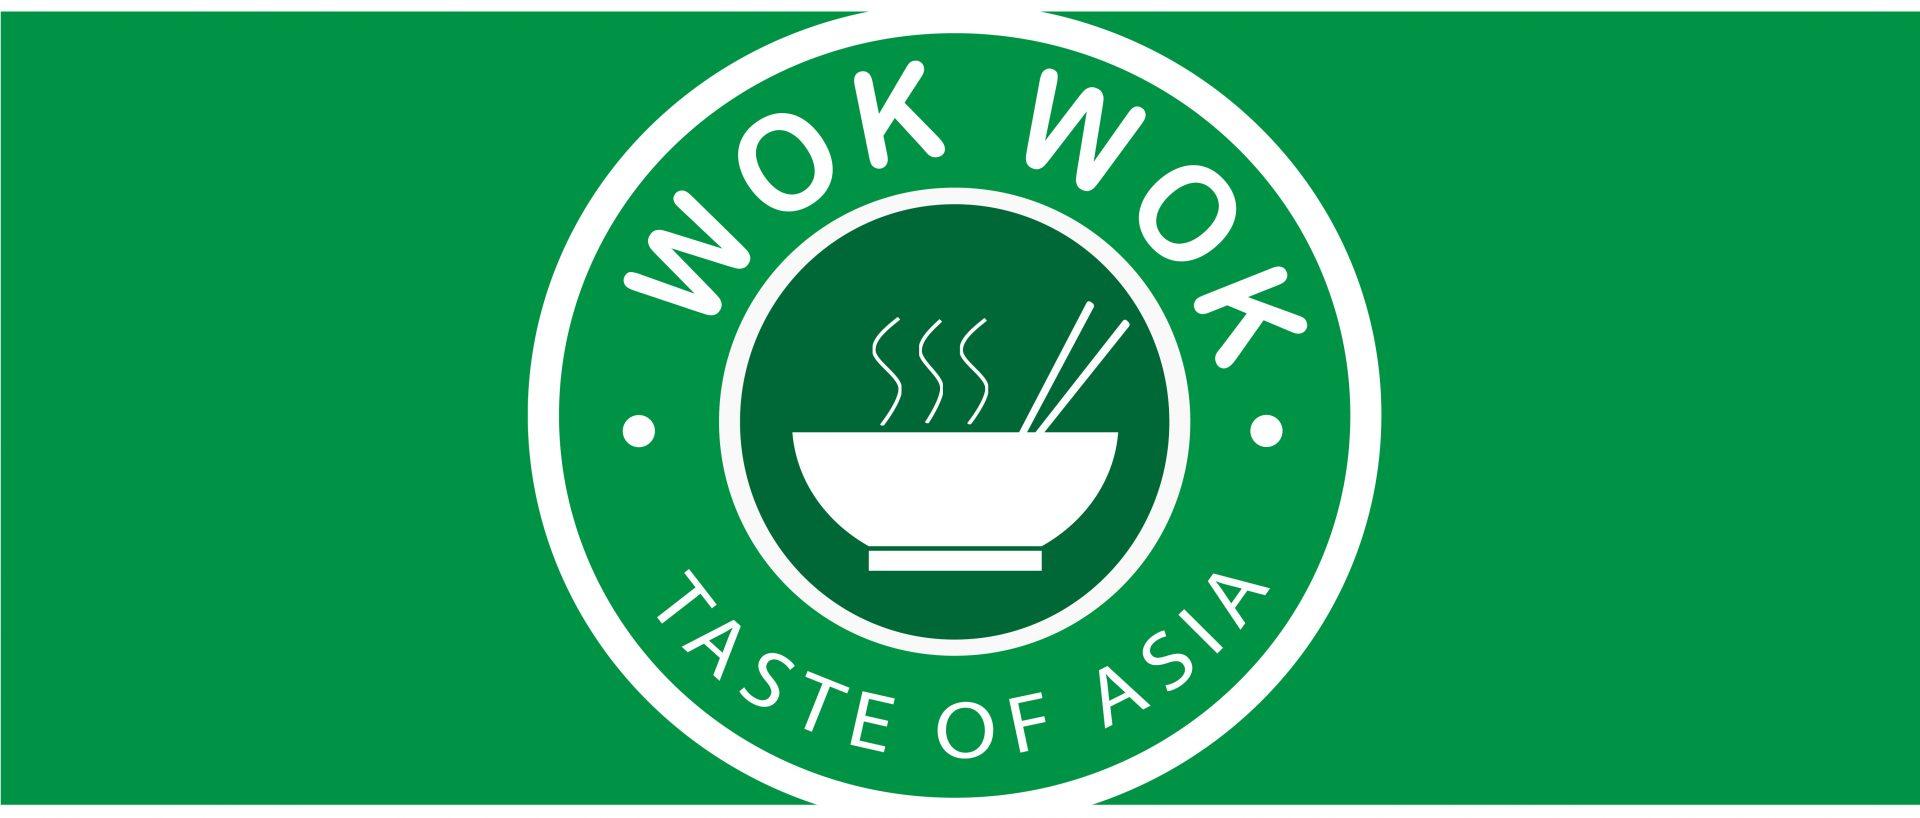 Wok Wok ravintola